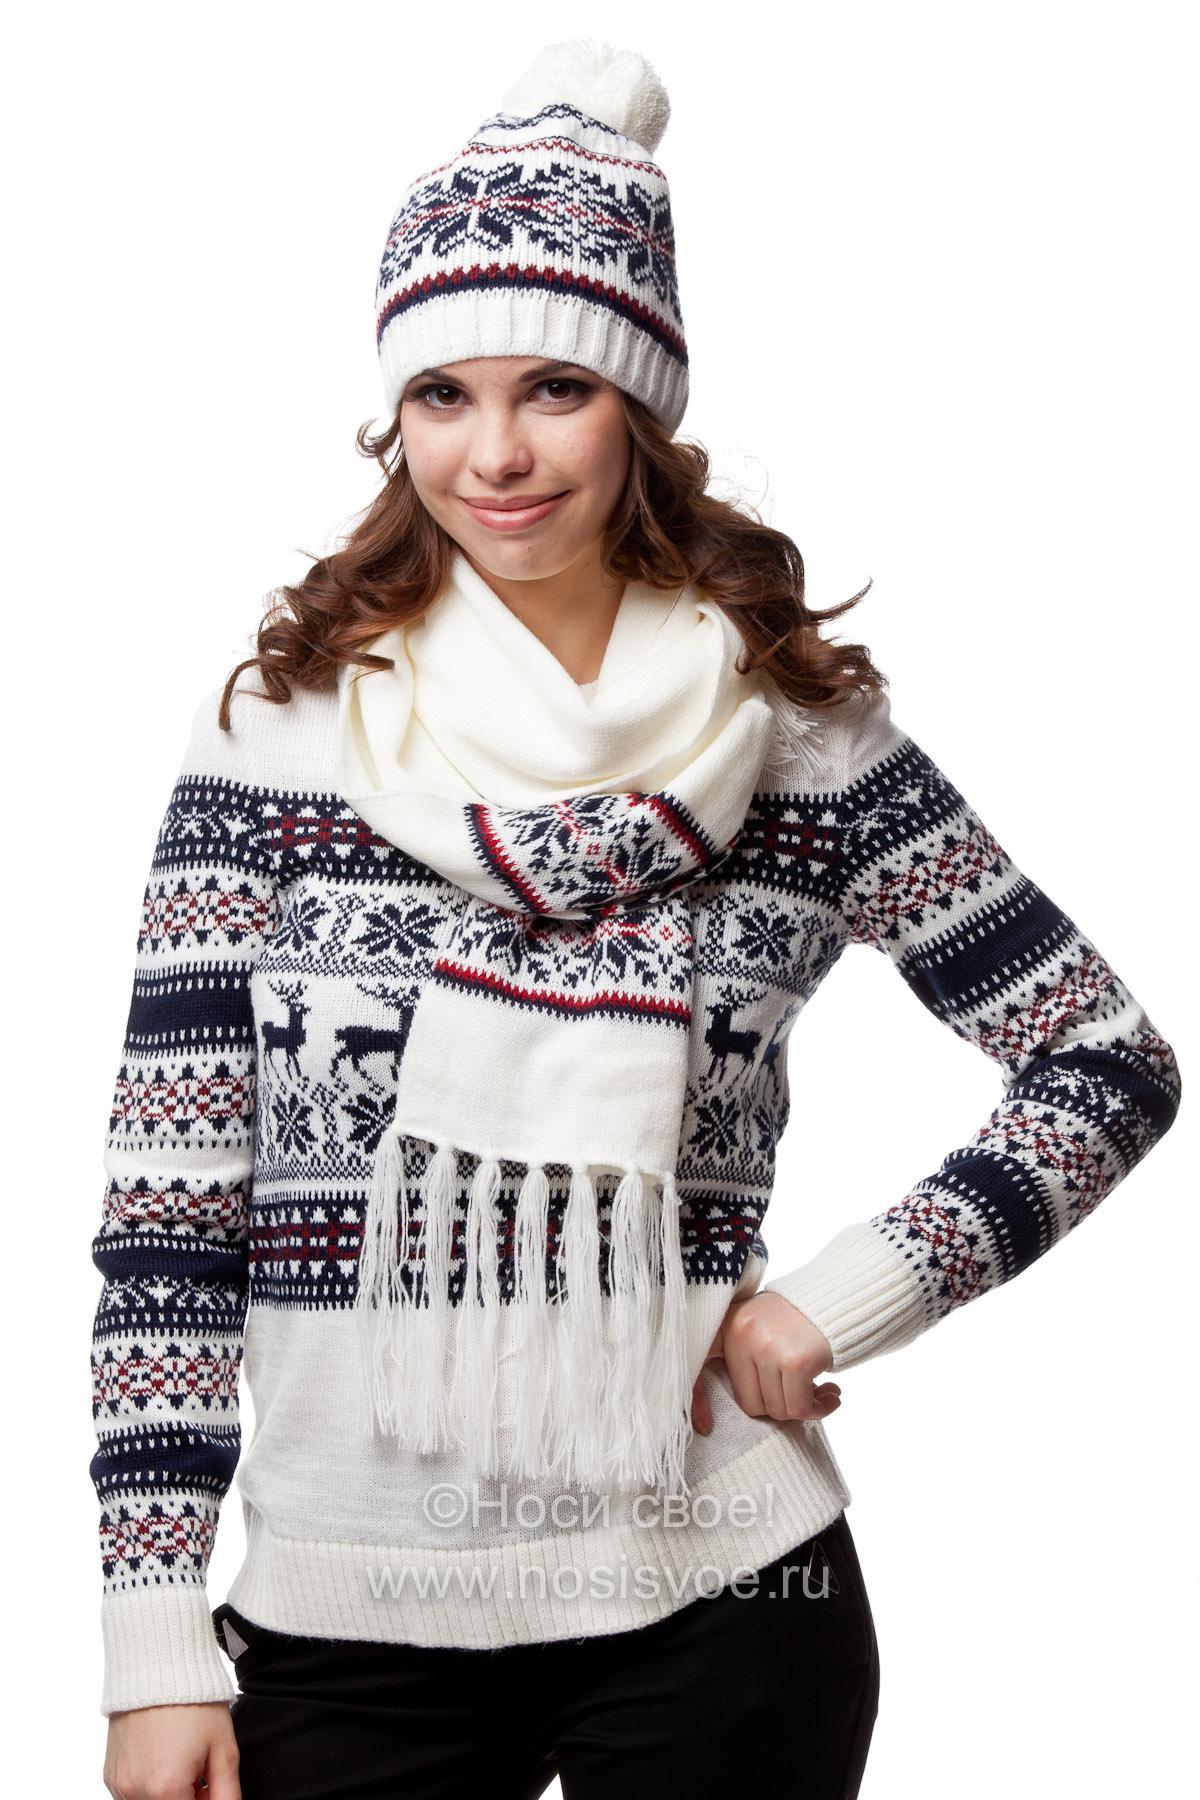 Сказочные свитера с оленями и скандинавскими узорами, одеваем всю семью! Уютный подарок себе и близким. Носи своё по